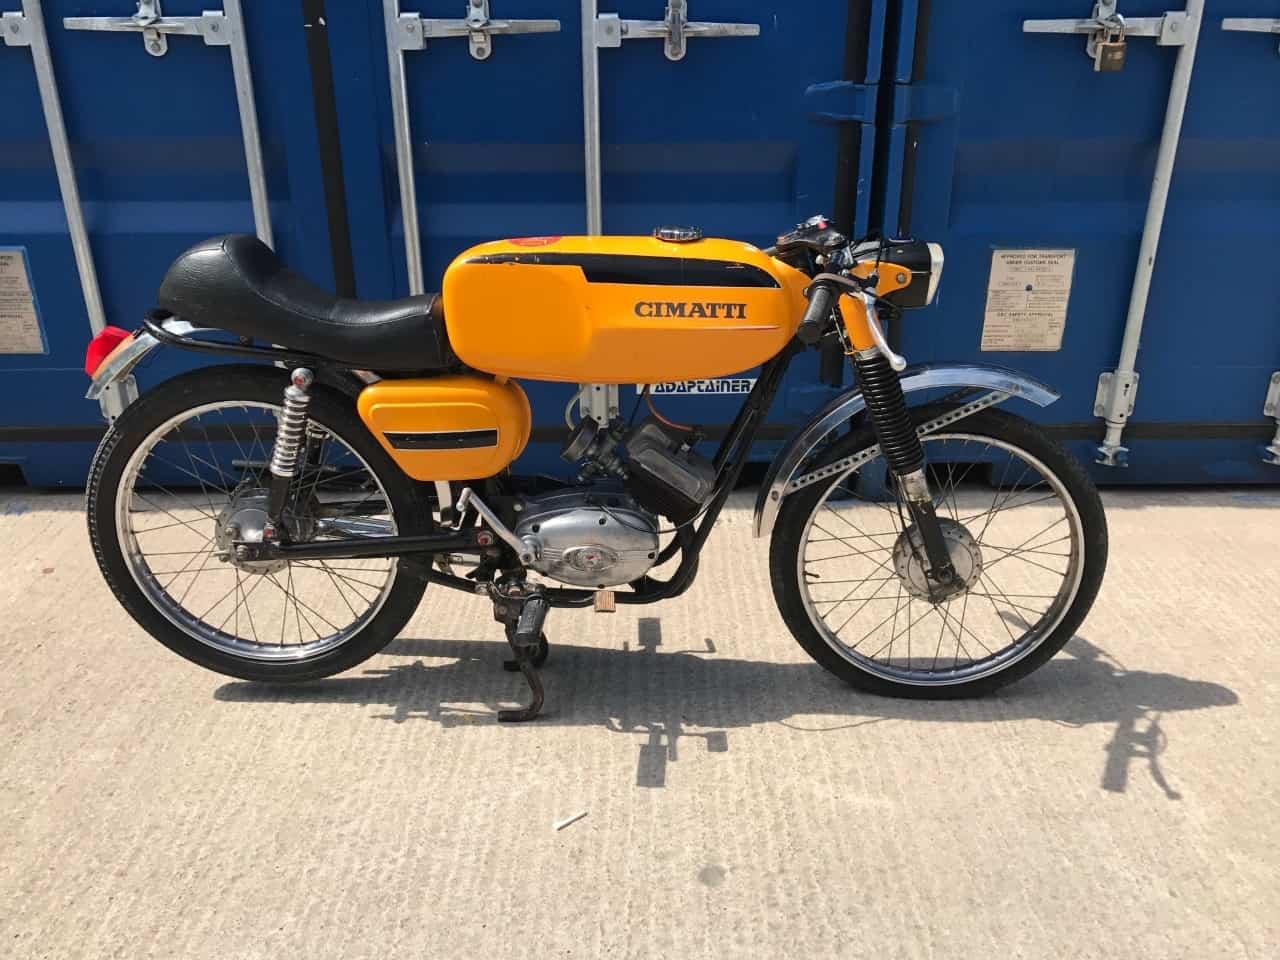 CIMATTI S4 50cc 1967